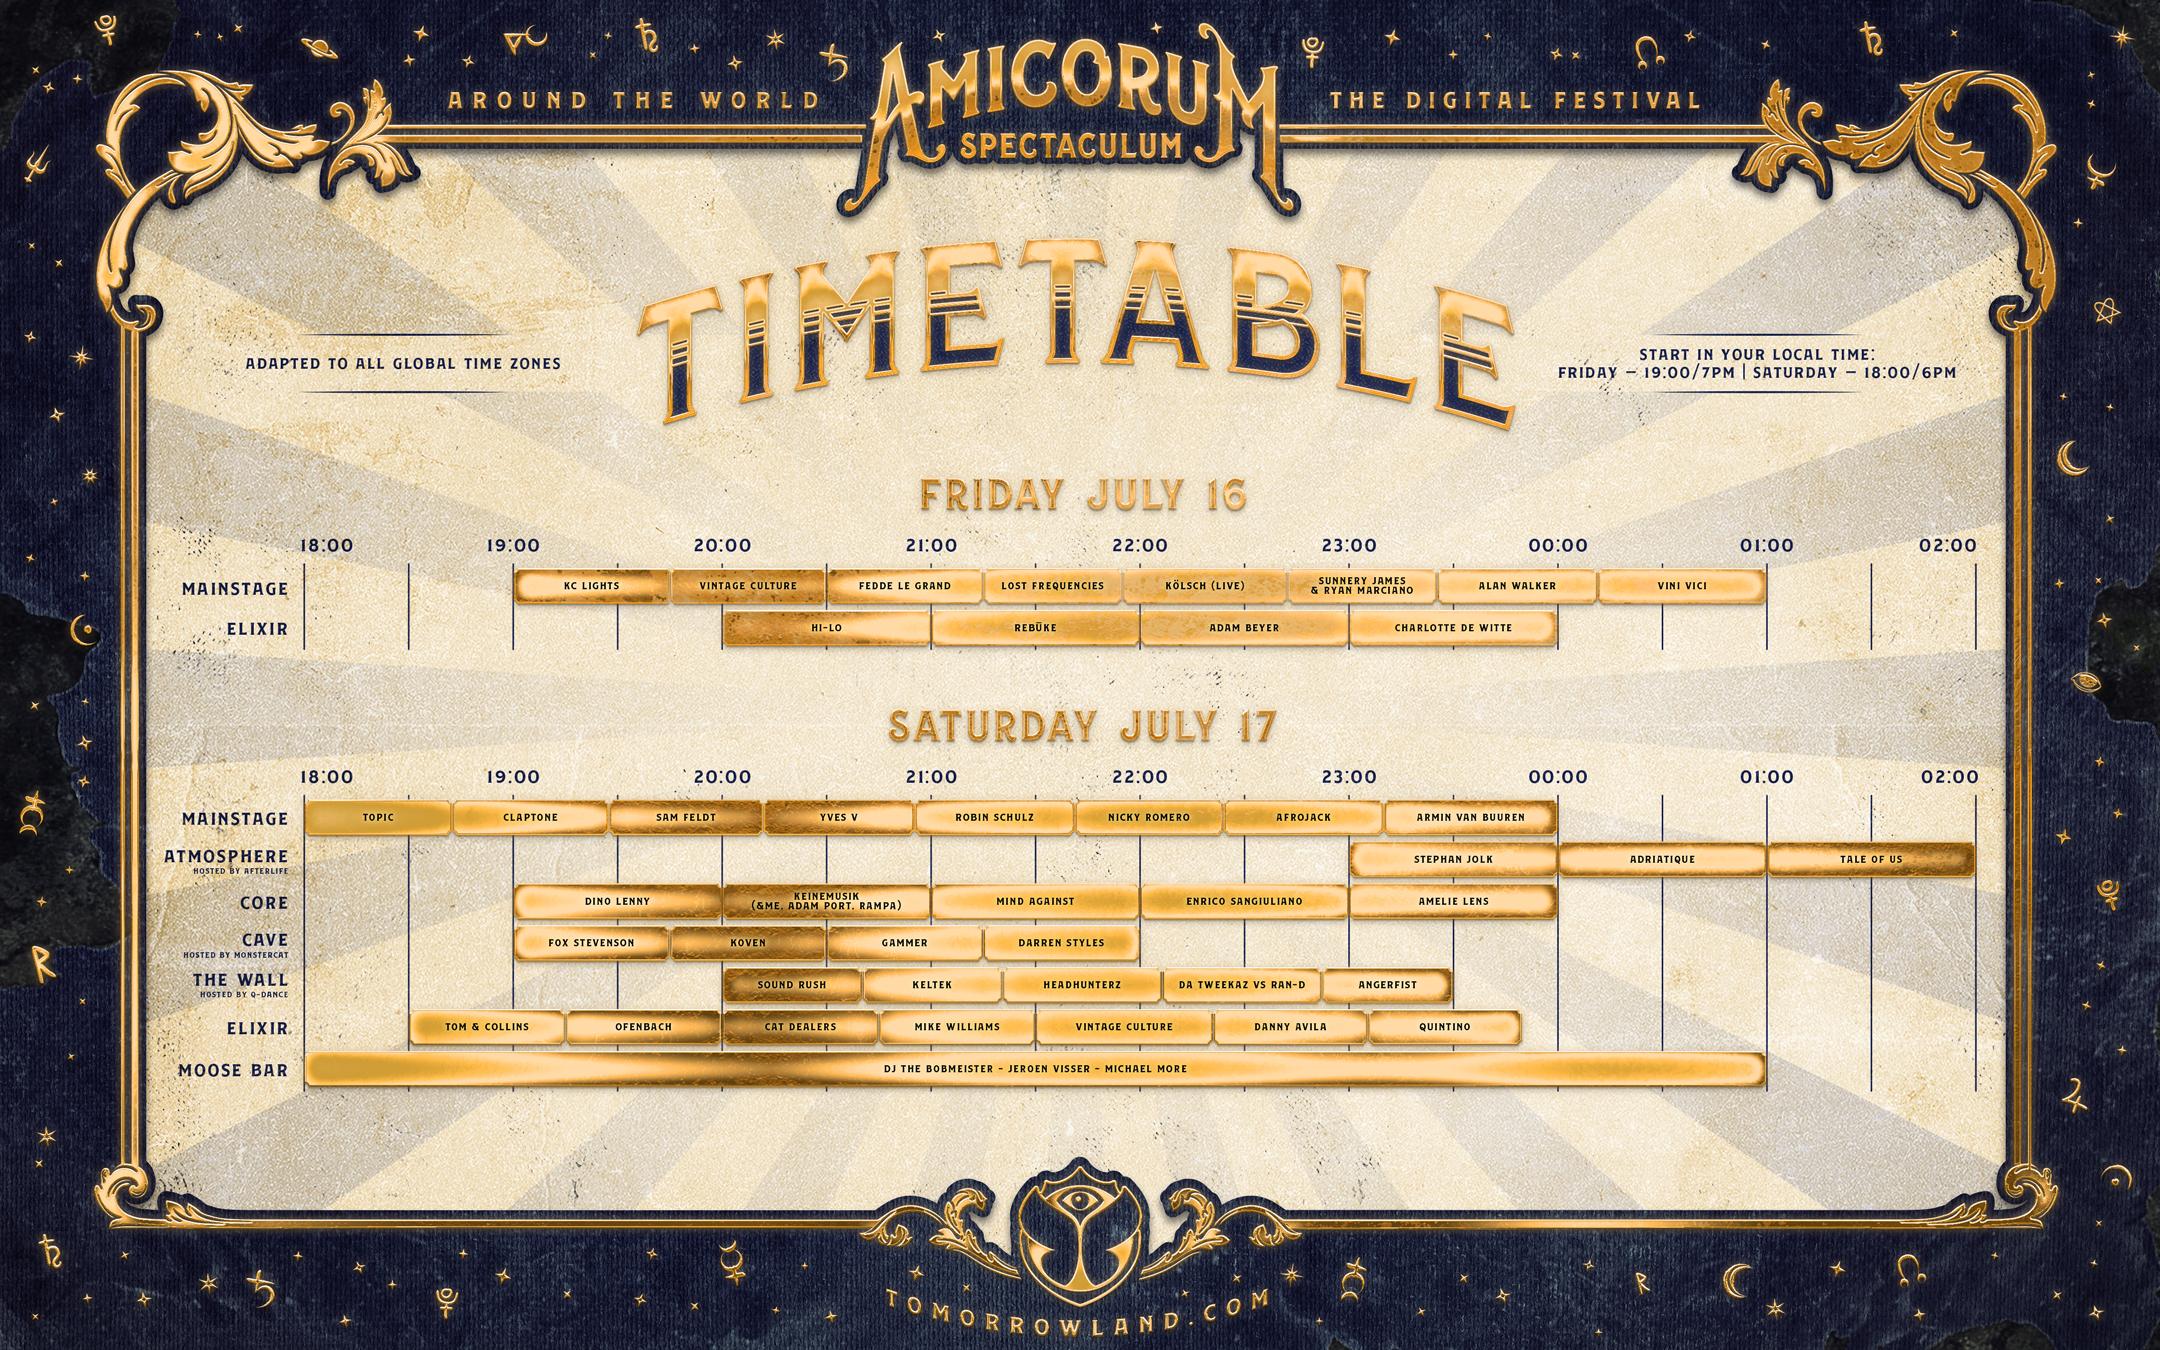 Timetable Tomorrowland